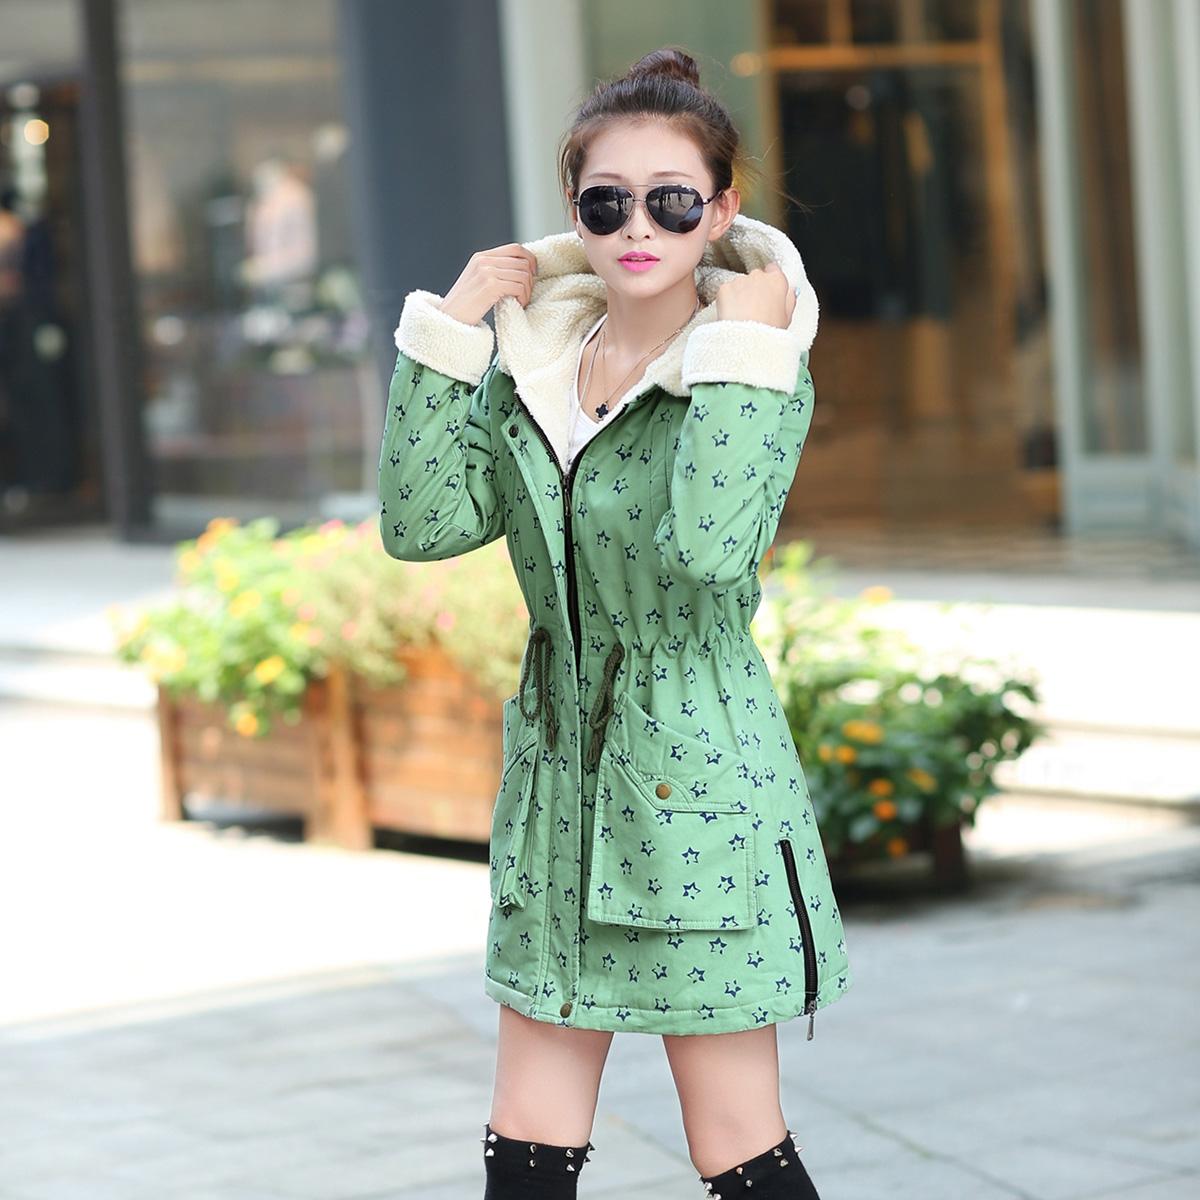 韩版学院风棉袄2014新款潮冬天外套棉衣大码女装加厚棉服女中长款